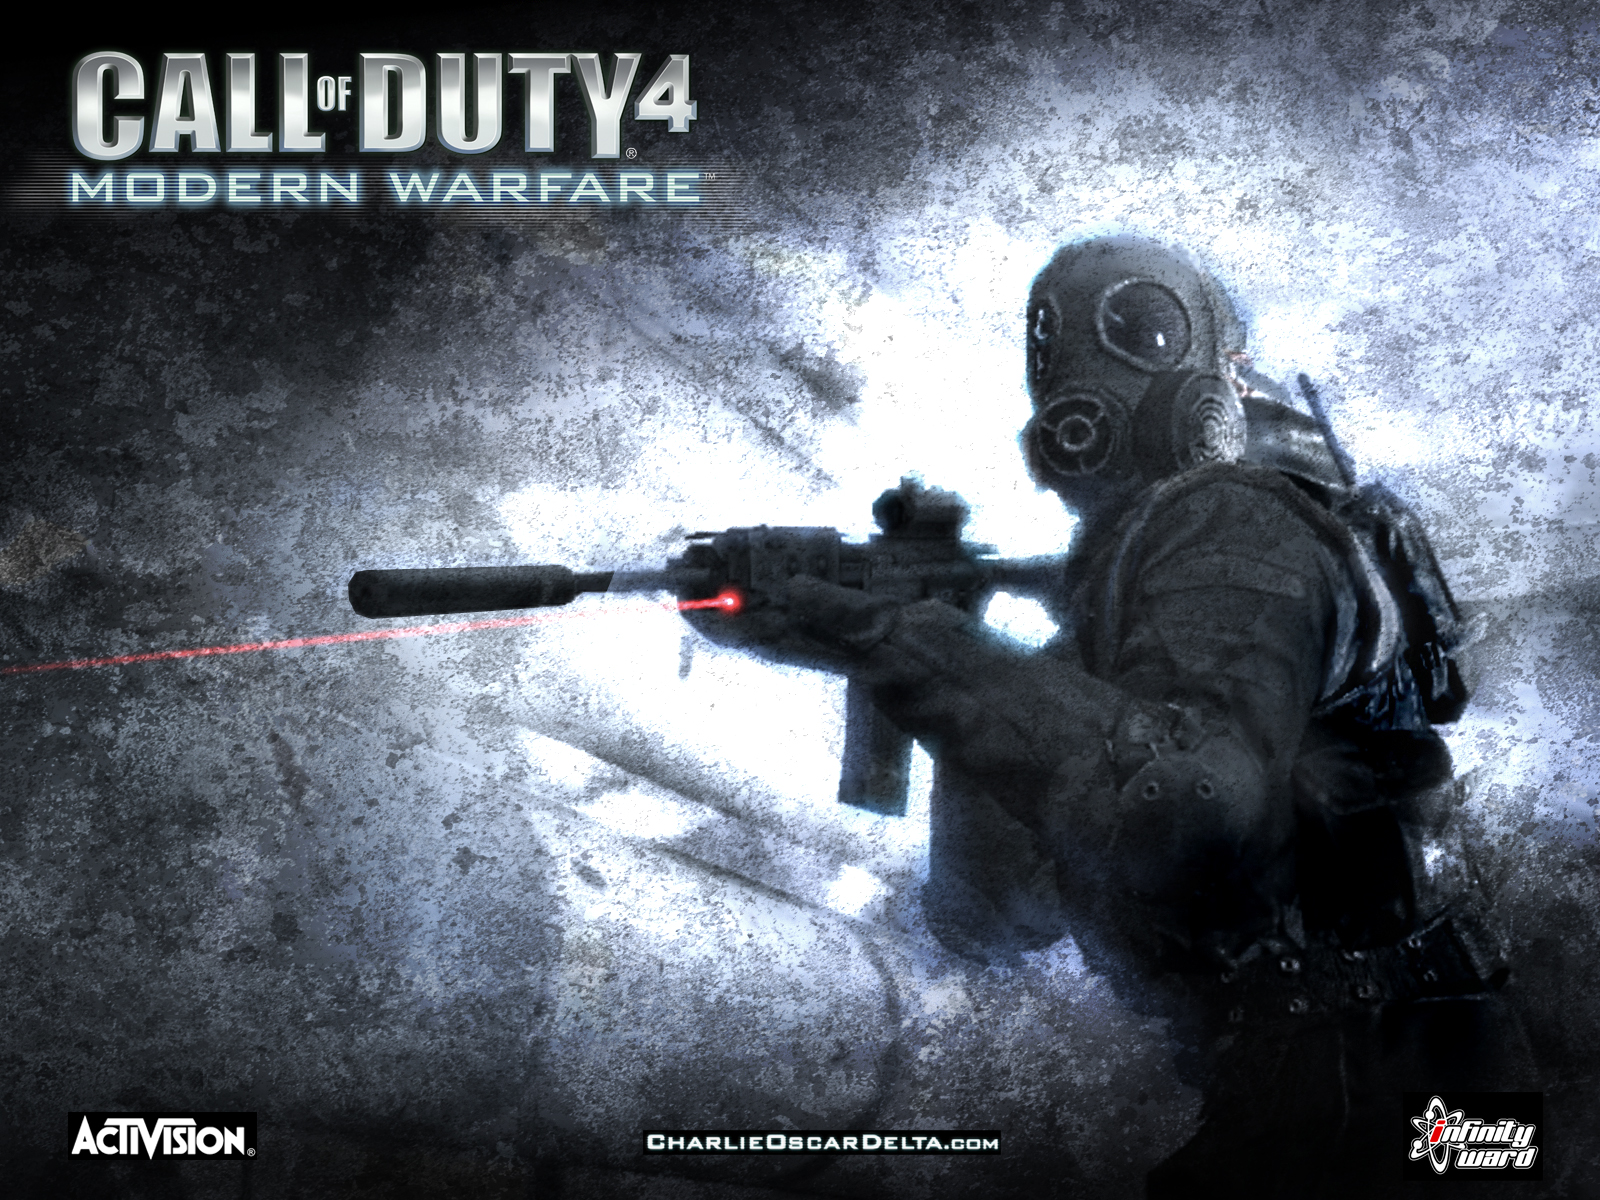 http://1.bp.blogspot.com/_BFYlnQUsPgo/TNuXFmz2ikI/AAAAAAAAAfU/fAk7ALS4AiI/s1600/call_of_duty_modern-warfare-hd-wallpaper-vrkmphoto.com-21.jpg